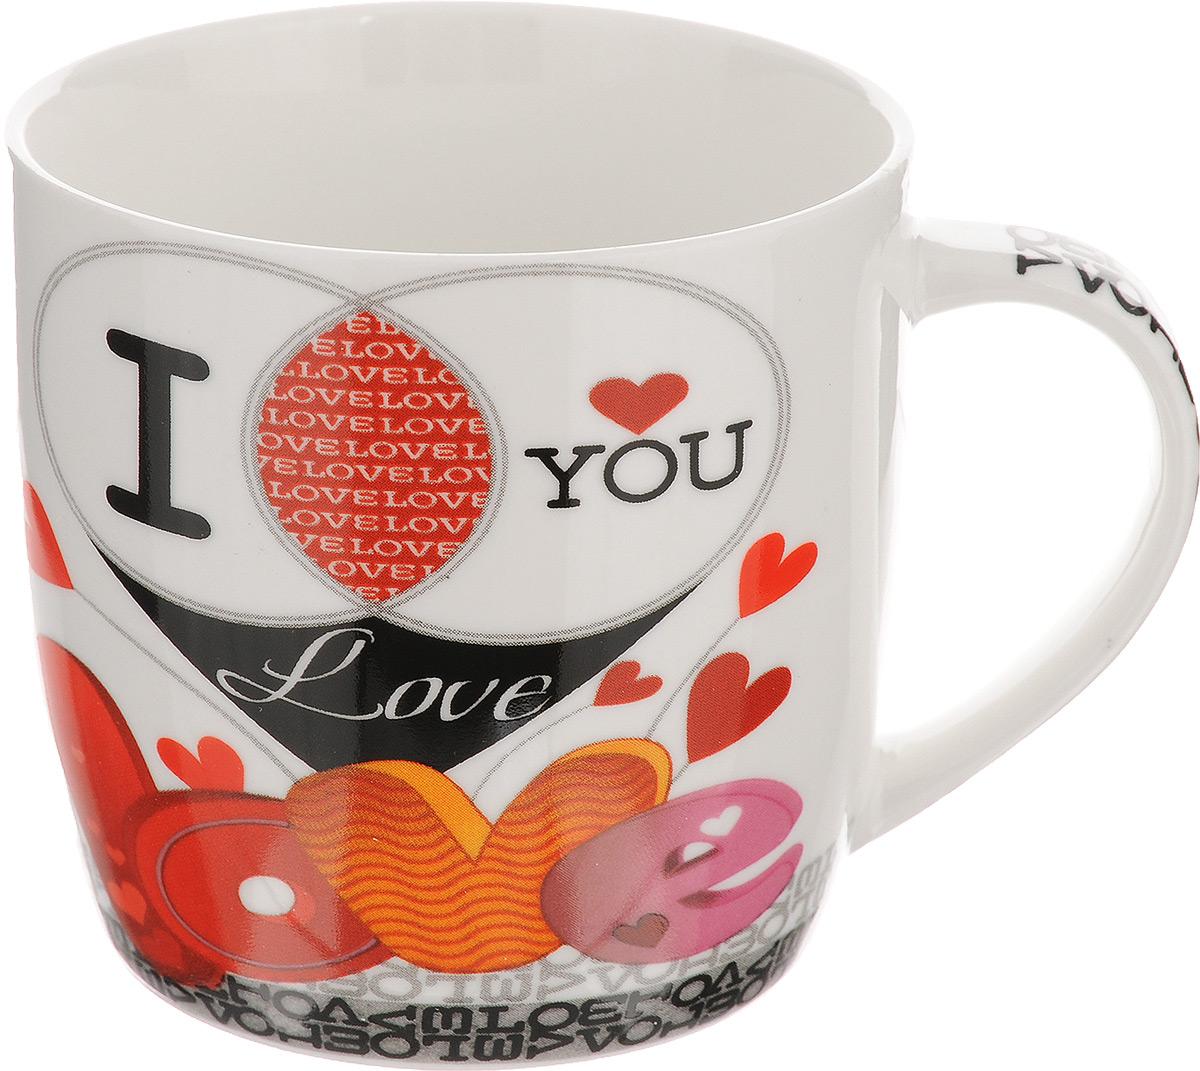 Кружка Loraine, цвет: белый, красный, черный, 320 мл. 2446924469Оригинальная кружка Loraine выполнена из высококачественного фарфора и оформлена красочным рисунком. Она станет отличным дополнением к сервировке семейного стола и замечательным подарком для ваших родных и друзей.Диаметр кружки (по верхнему краю): 8,5 см